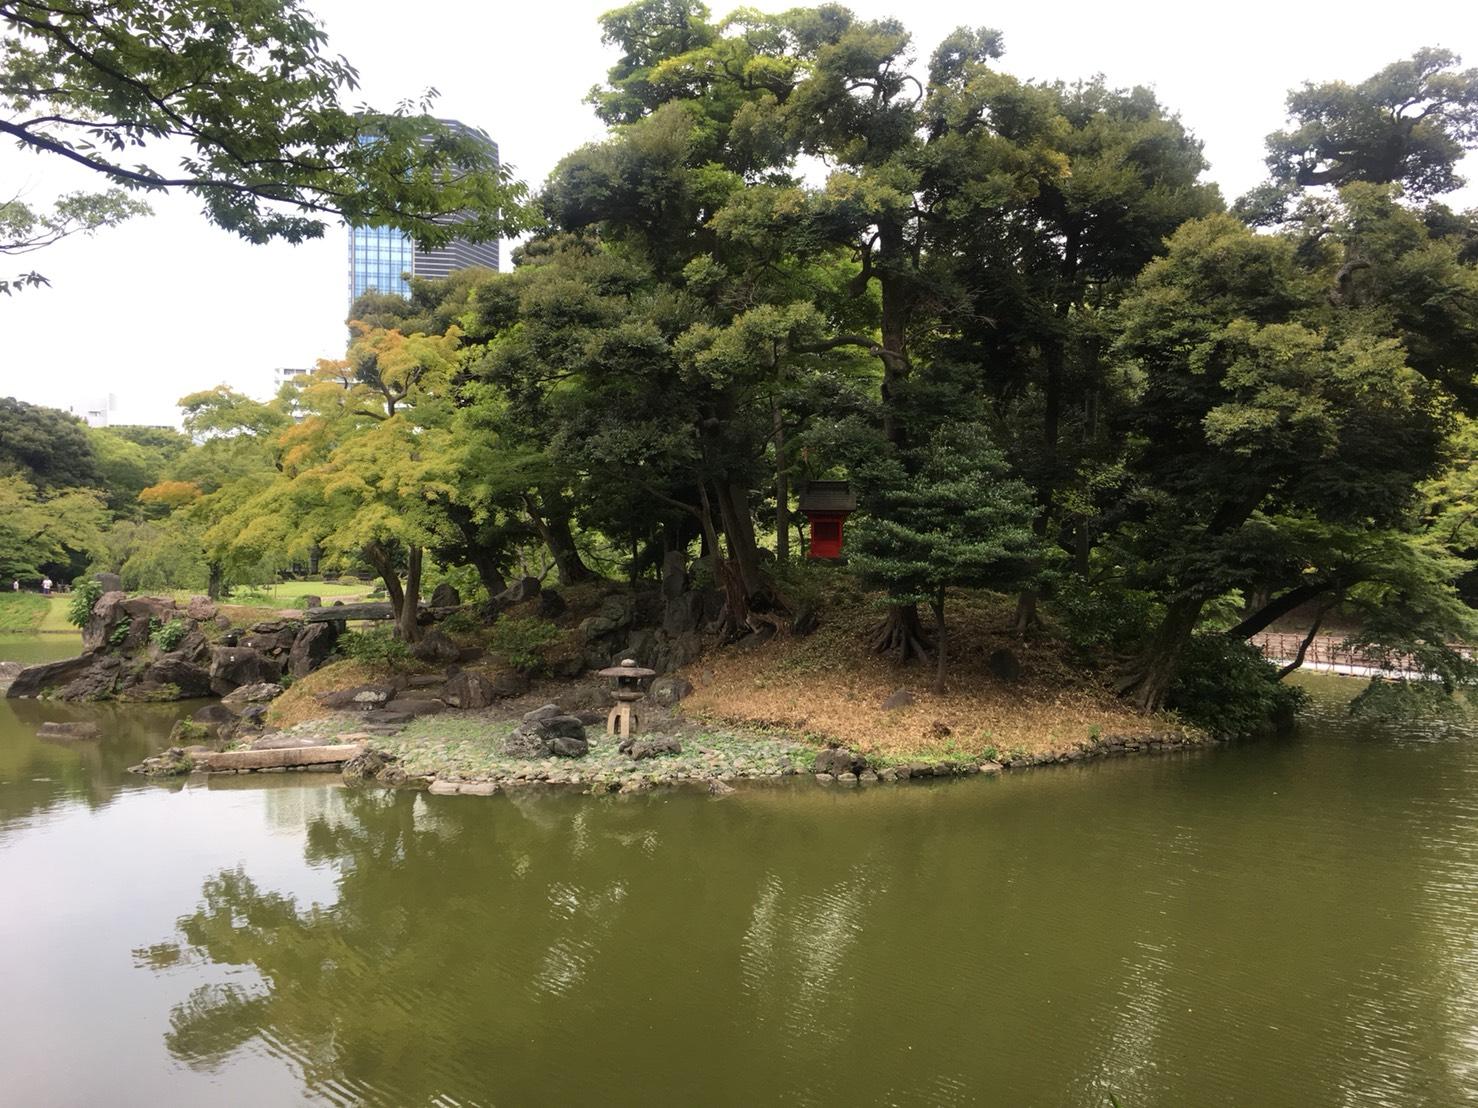 【飯田橋駅】江戸時代の中国趣味豊かな景観で一句「小石川後楽園」の庭園9